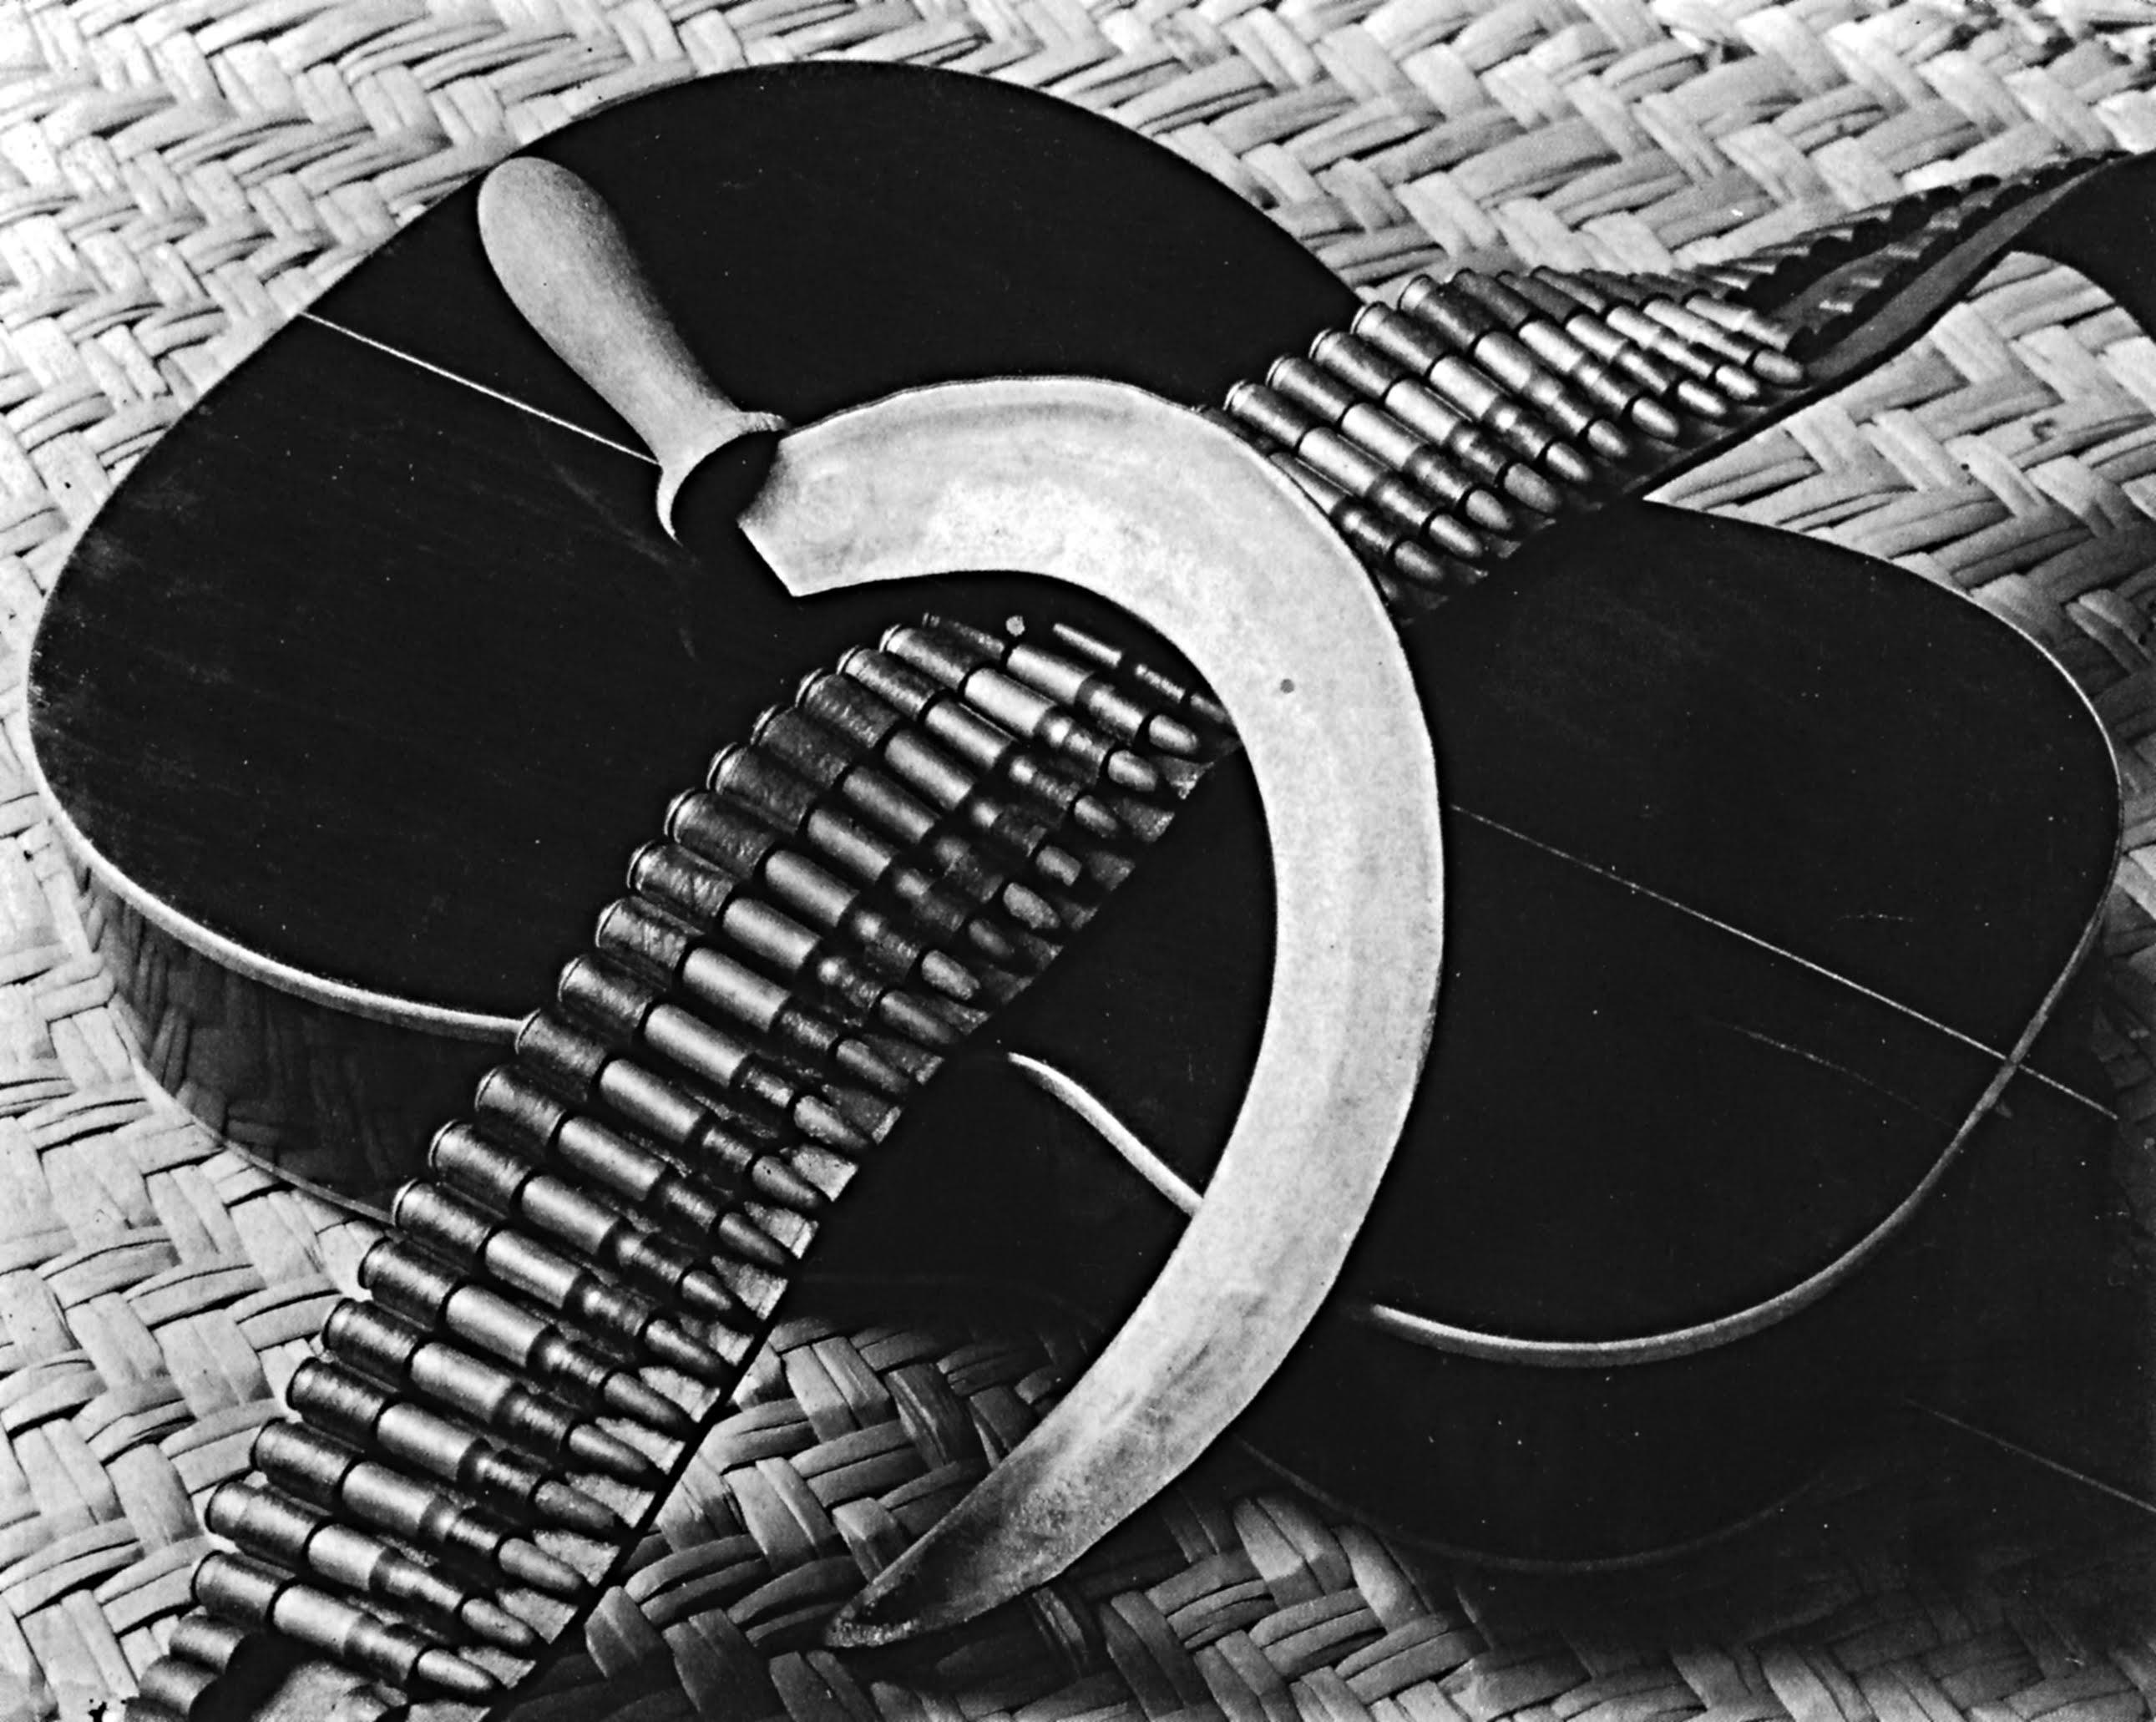 Tina Modotti, Épi de maïs, guitare et cartouchière (composition pour une chanson mexicaine), 1927, épreuve gélatino-argentique, tirage moderne,  29,5 × 22,3 cm